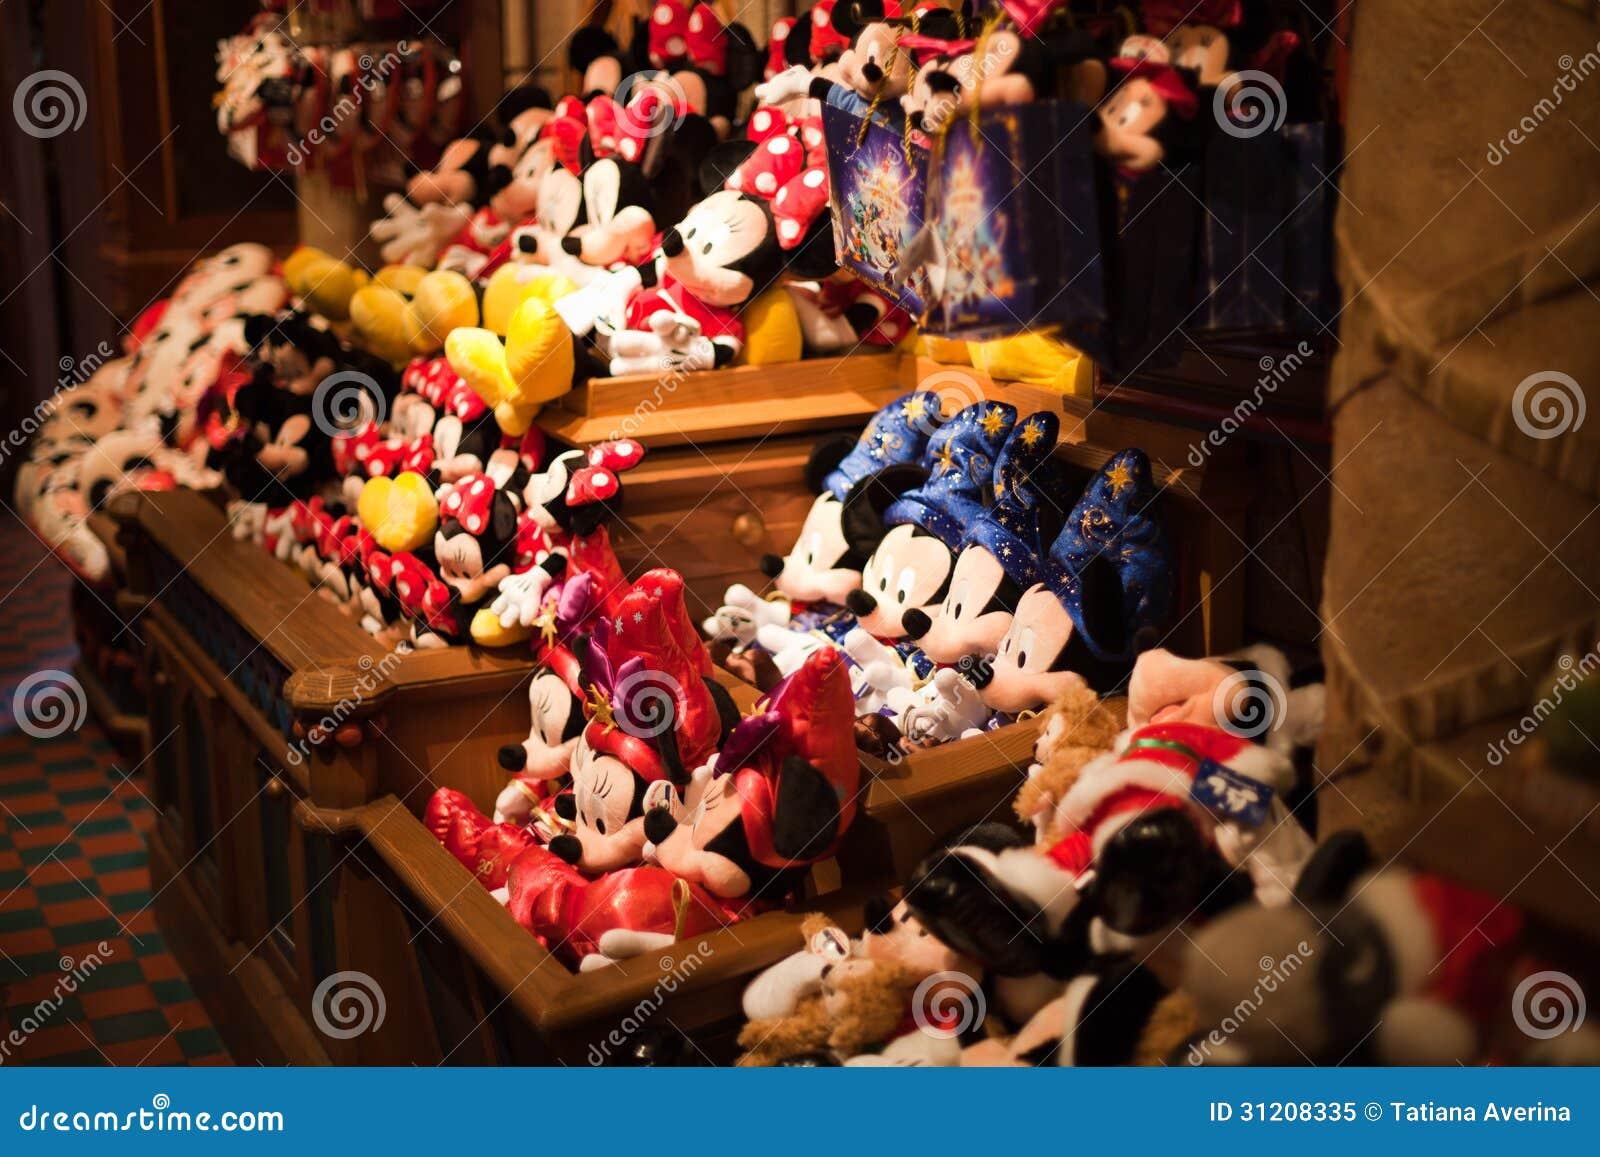 jouets de minnie et de mickey mouse image ditorial. Black Bedroom Furniture Sets. Home Design Ideas